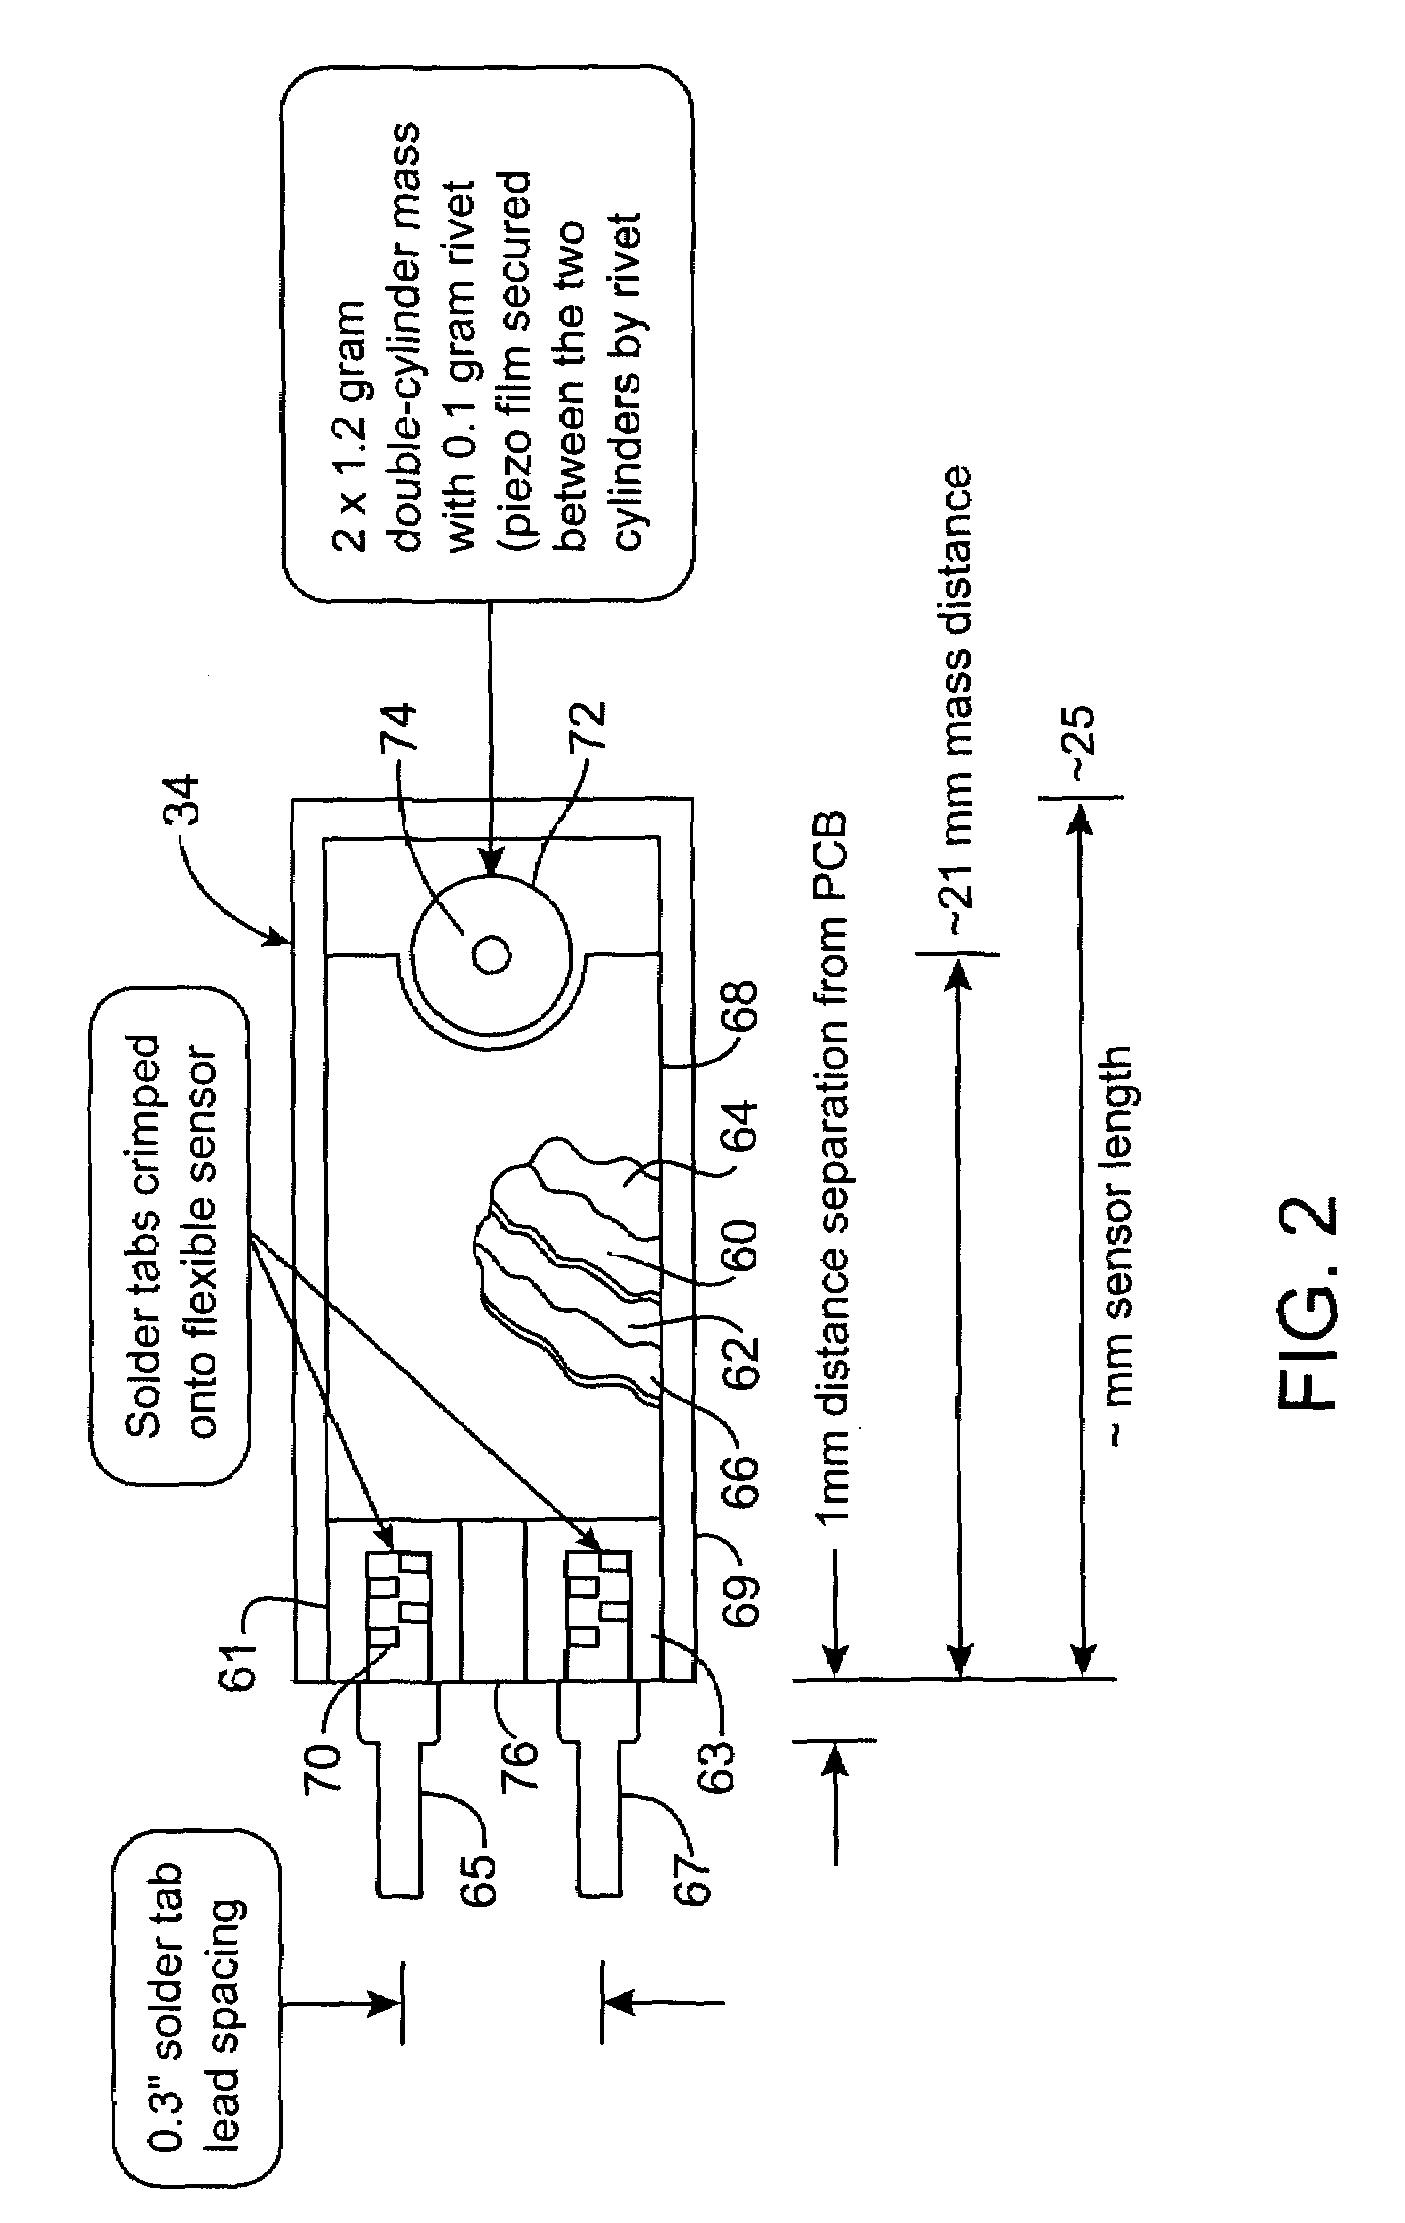 patent us7005993